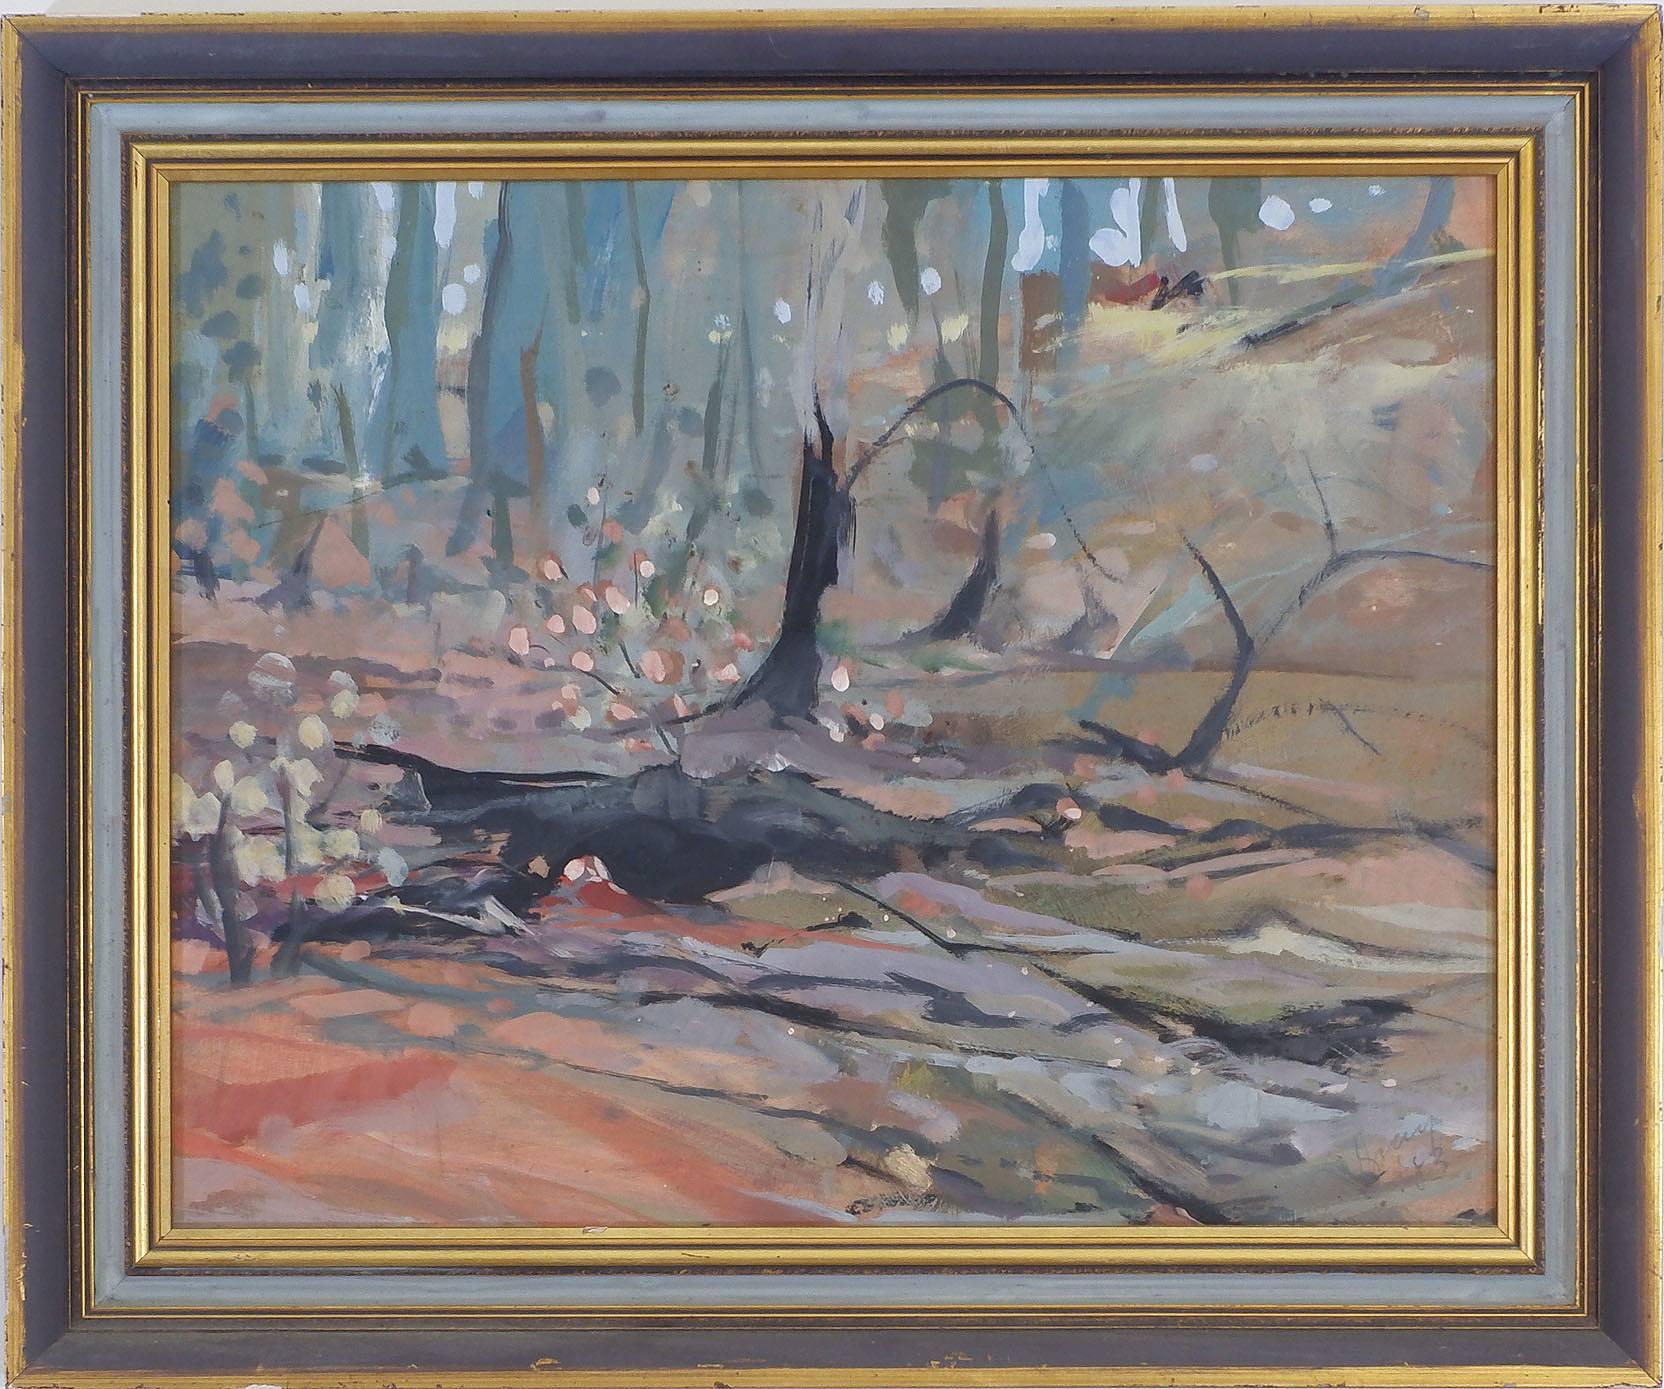 'Artist Unknown, Landscape, Oil on Board, 1983'